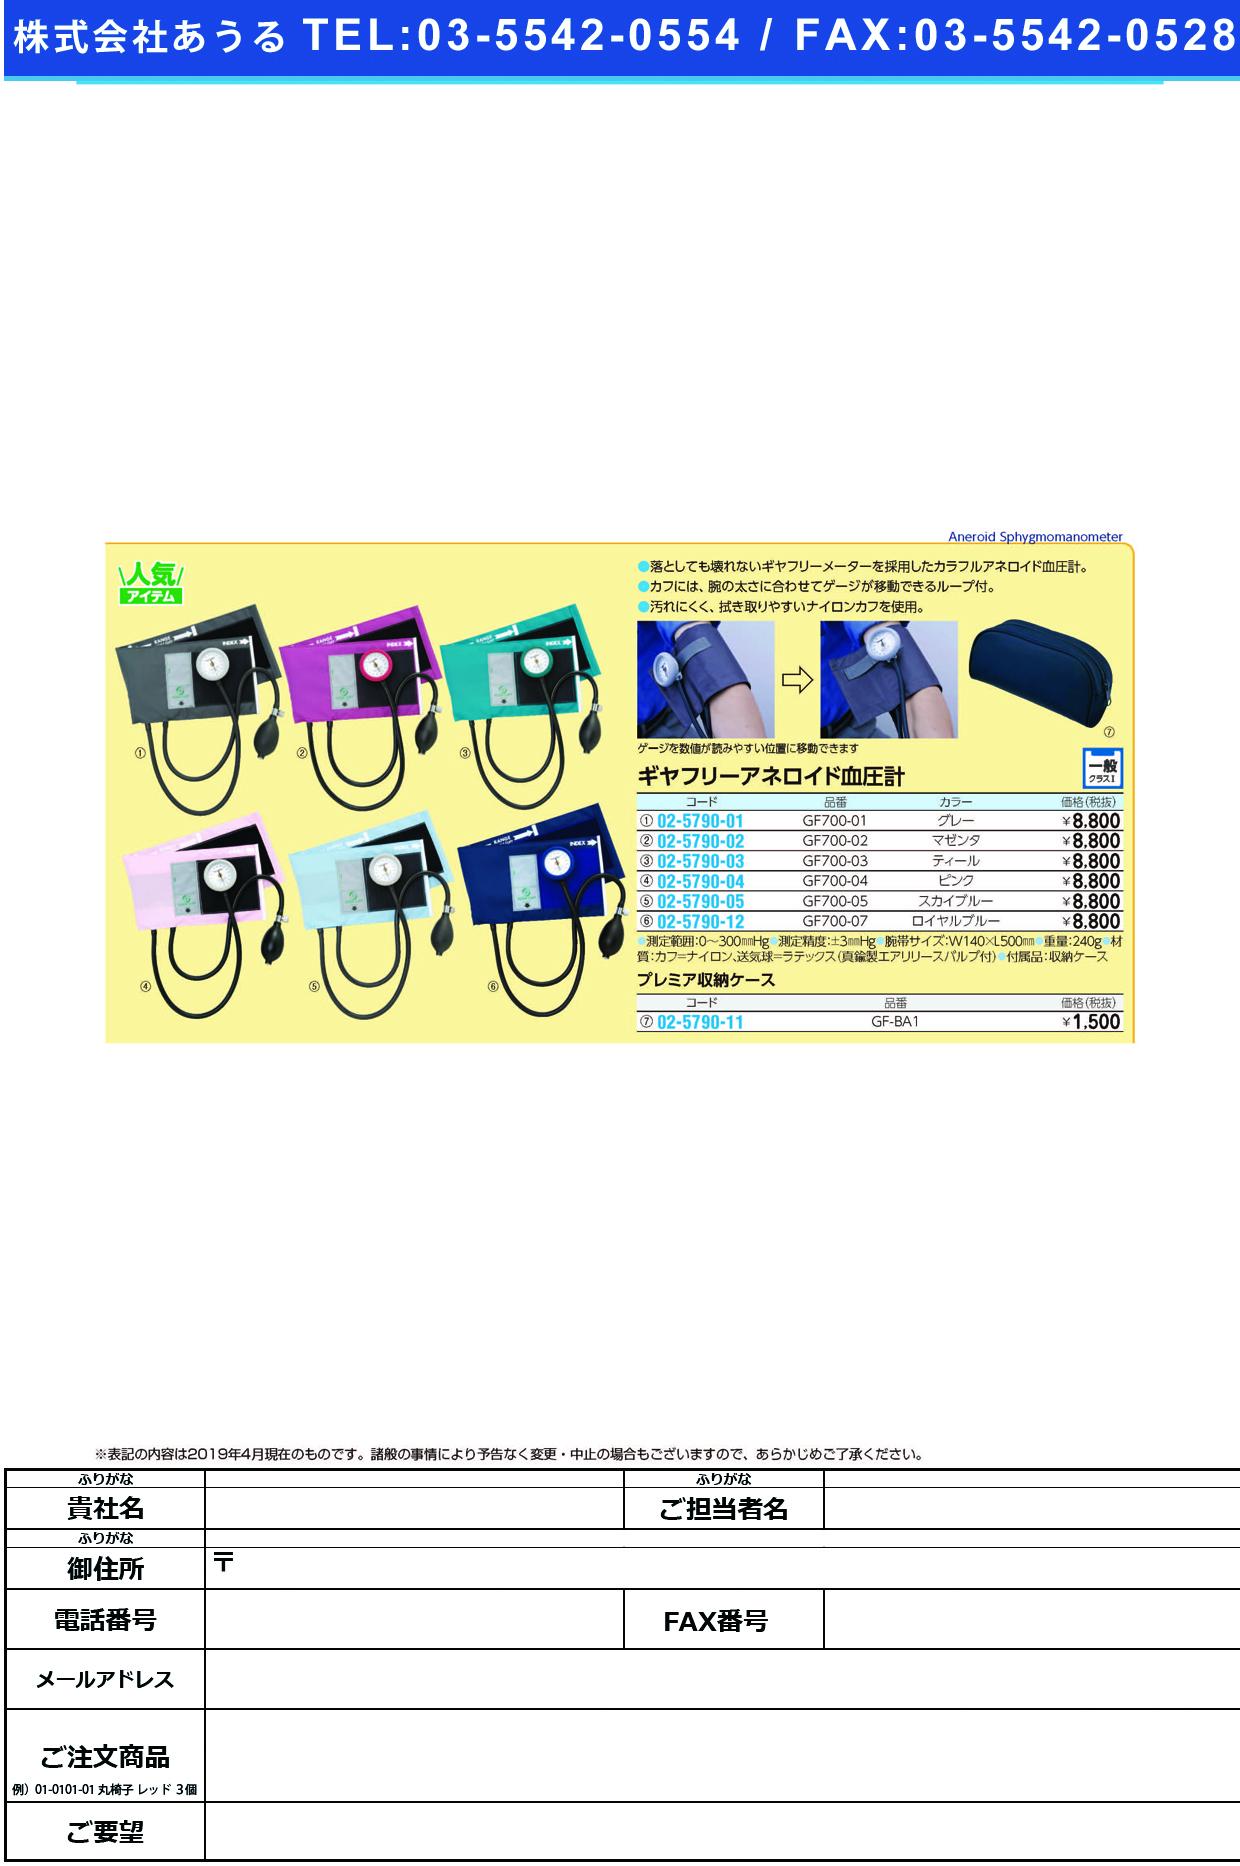 ギヤフリーアネロイド血圧計 GF700-03(ティール) ギヤフリーアネロイドケツアツケイ